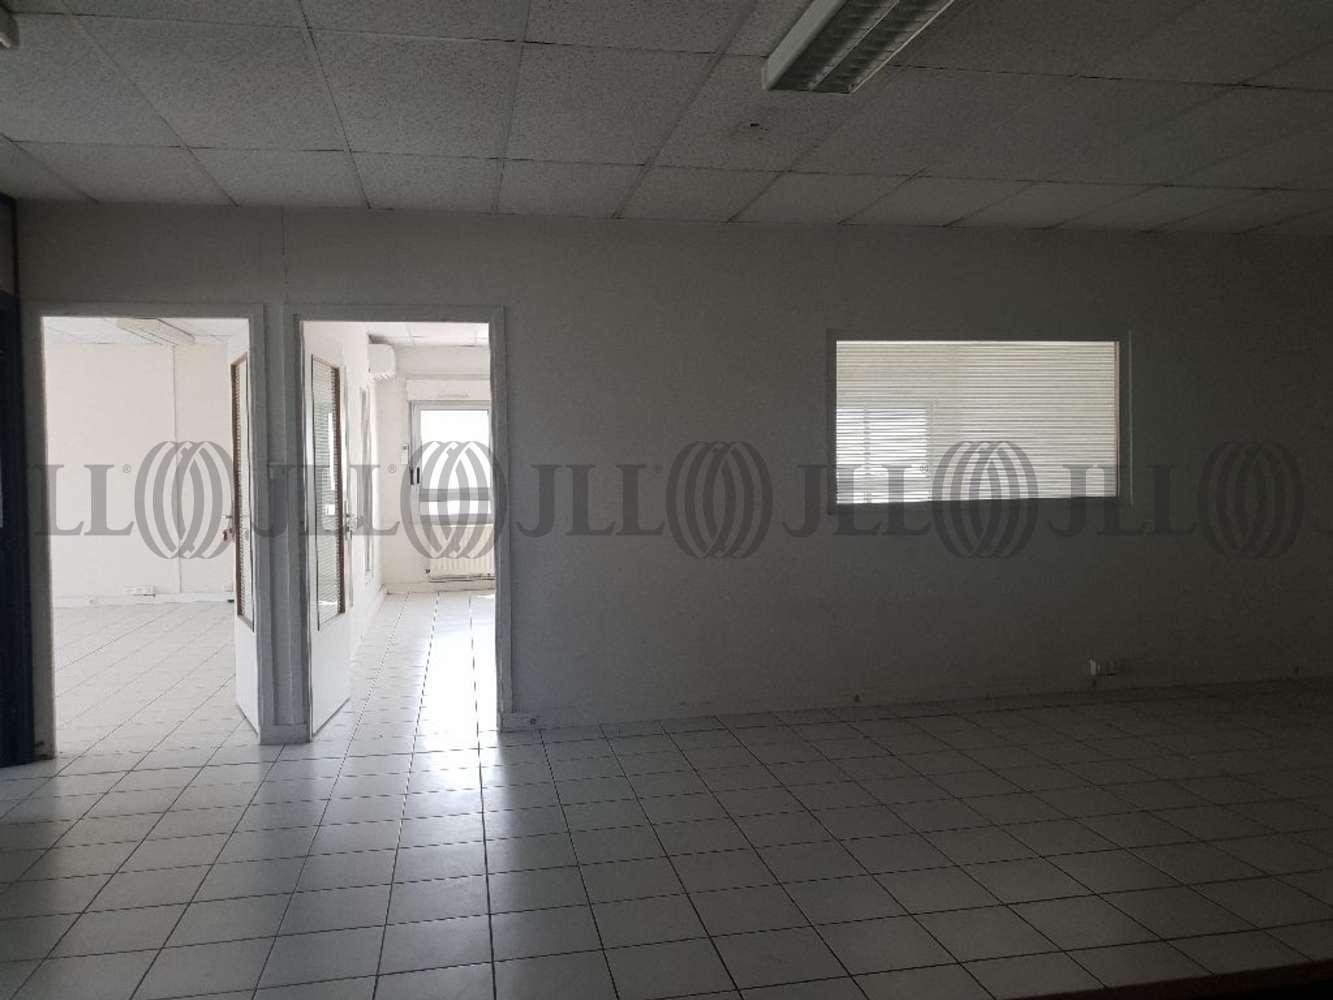 Activités/entrepôt Miribel, 01700 - LOCAUX D'ACTIVITÉ À VENDRE MIRIBEL - 10526011